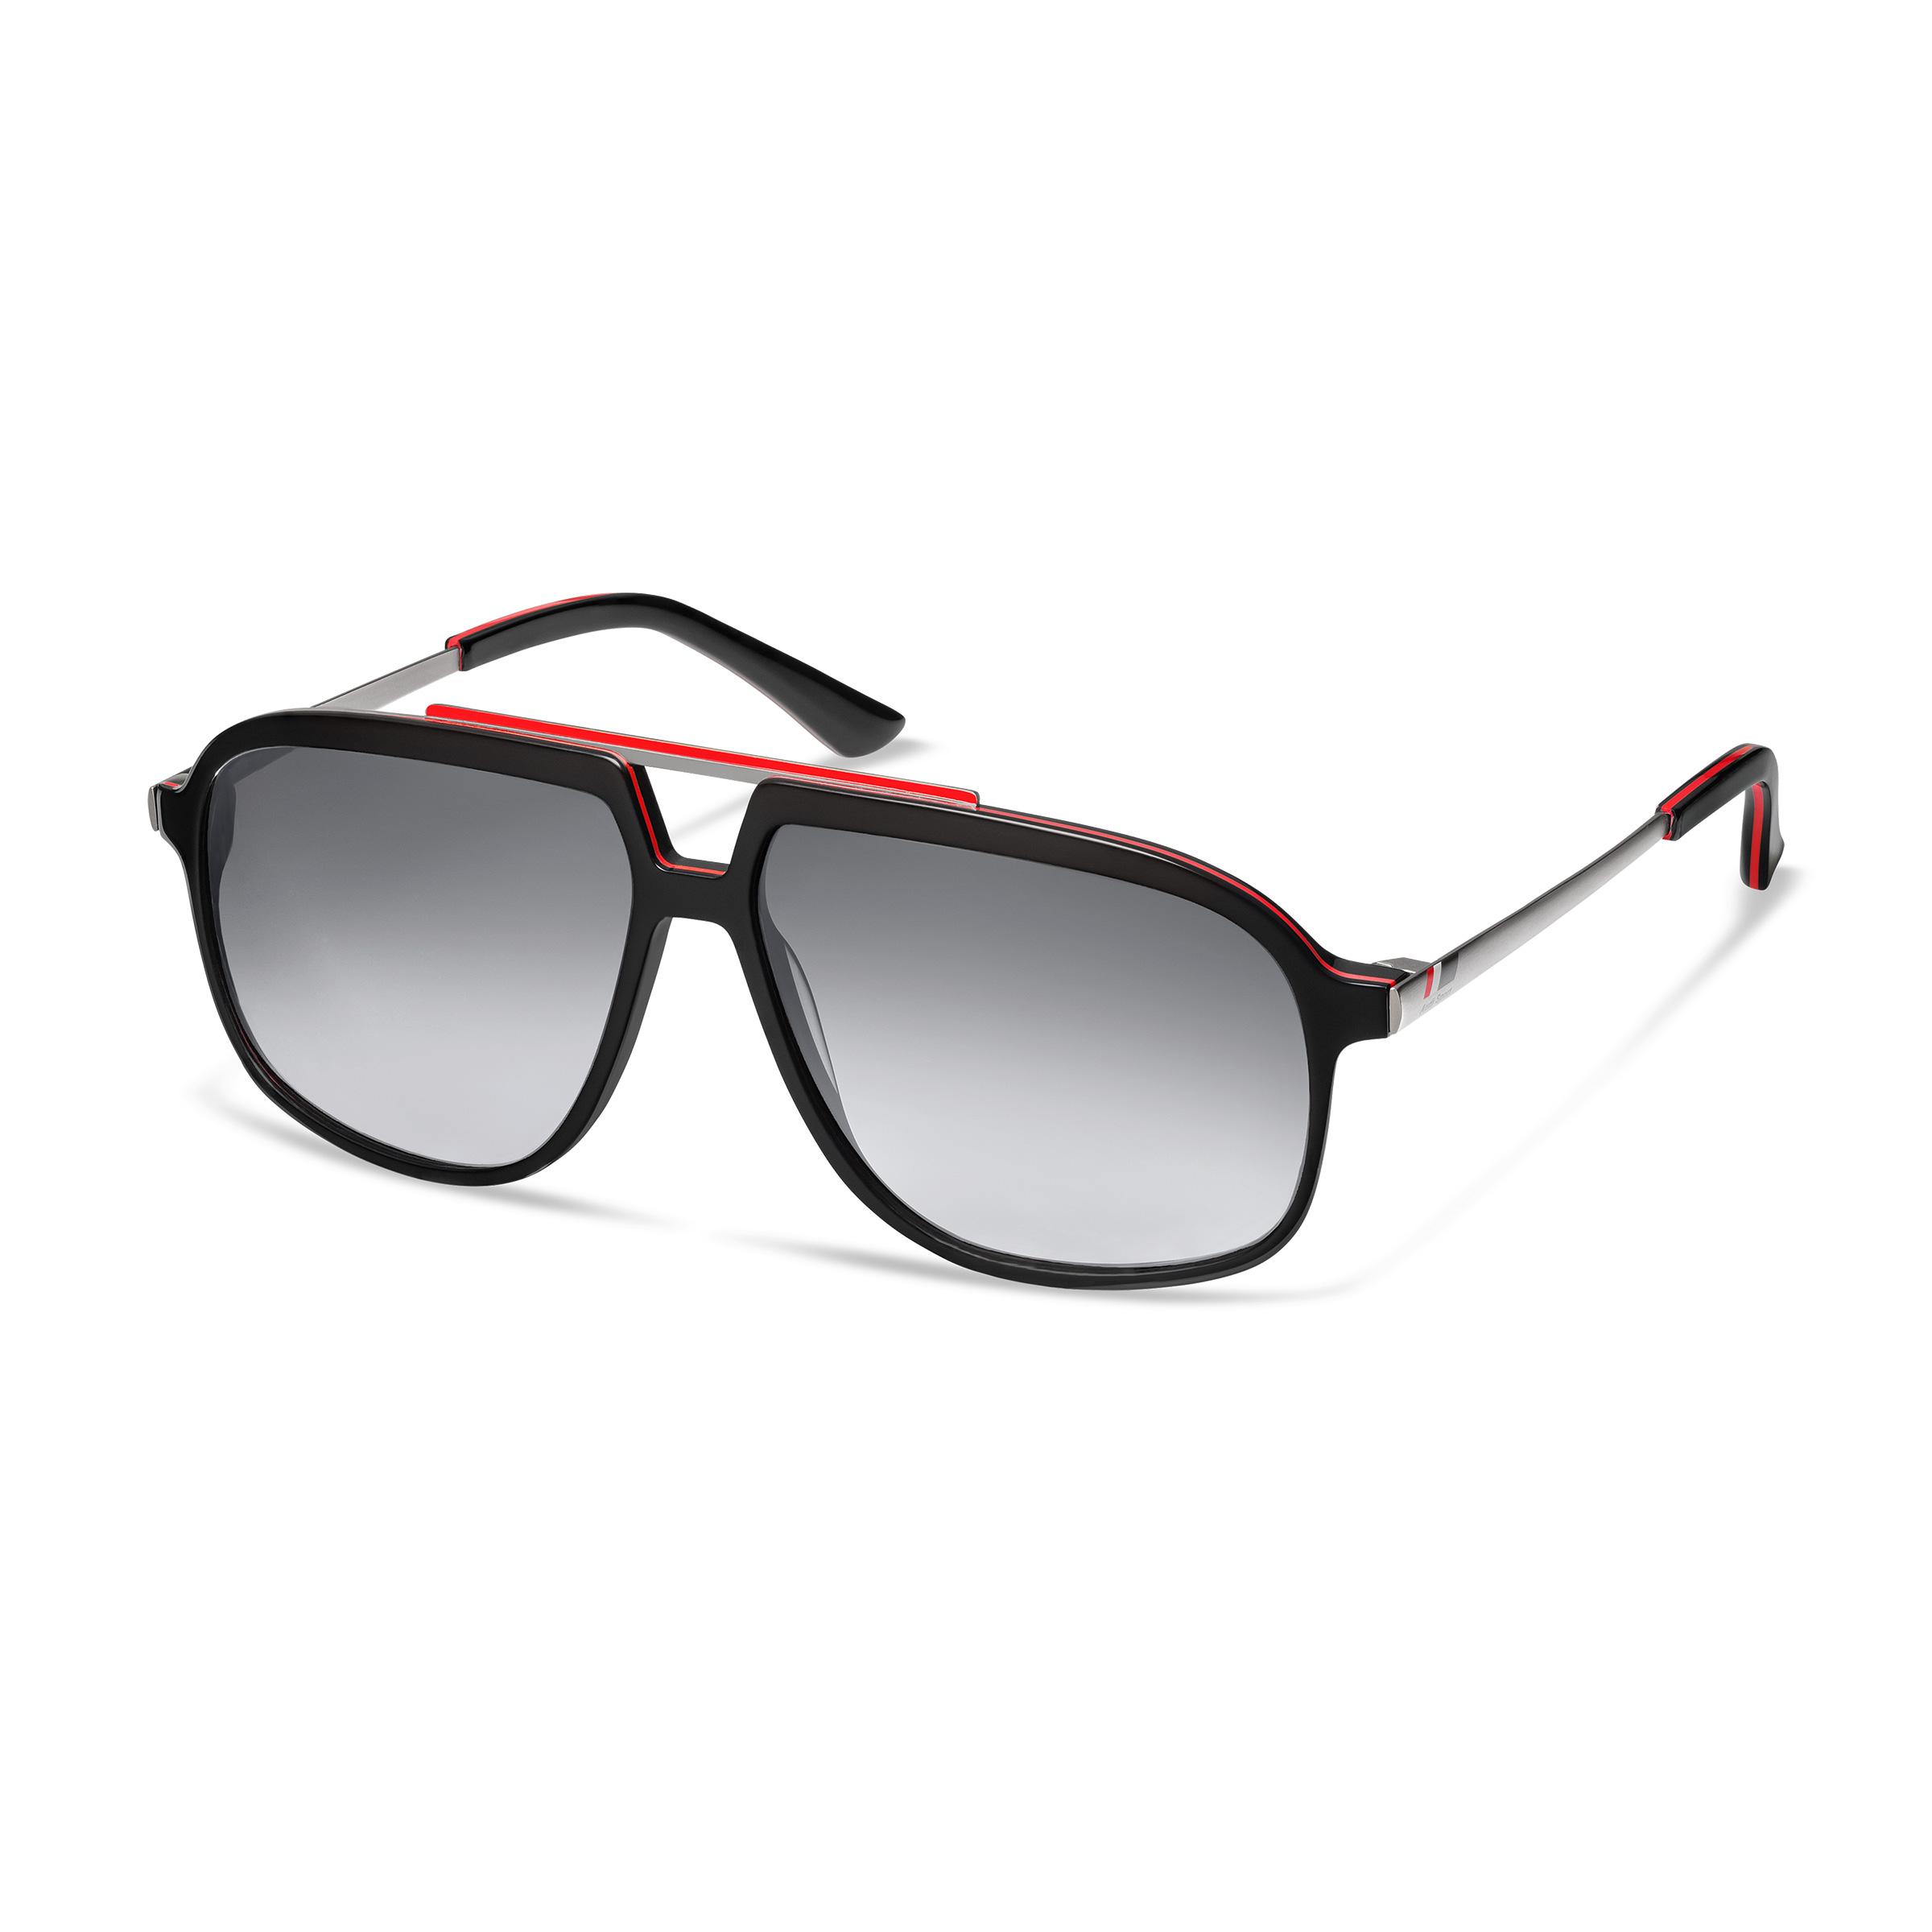 Audi heritage Sonnenbrille schwarz/rot